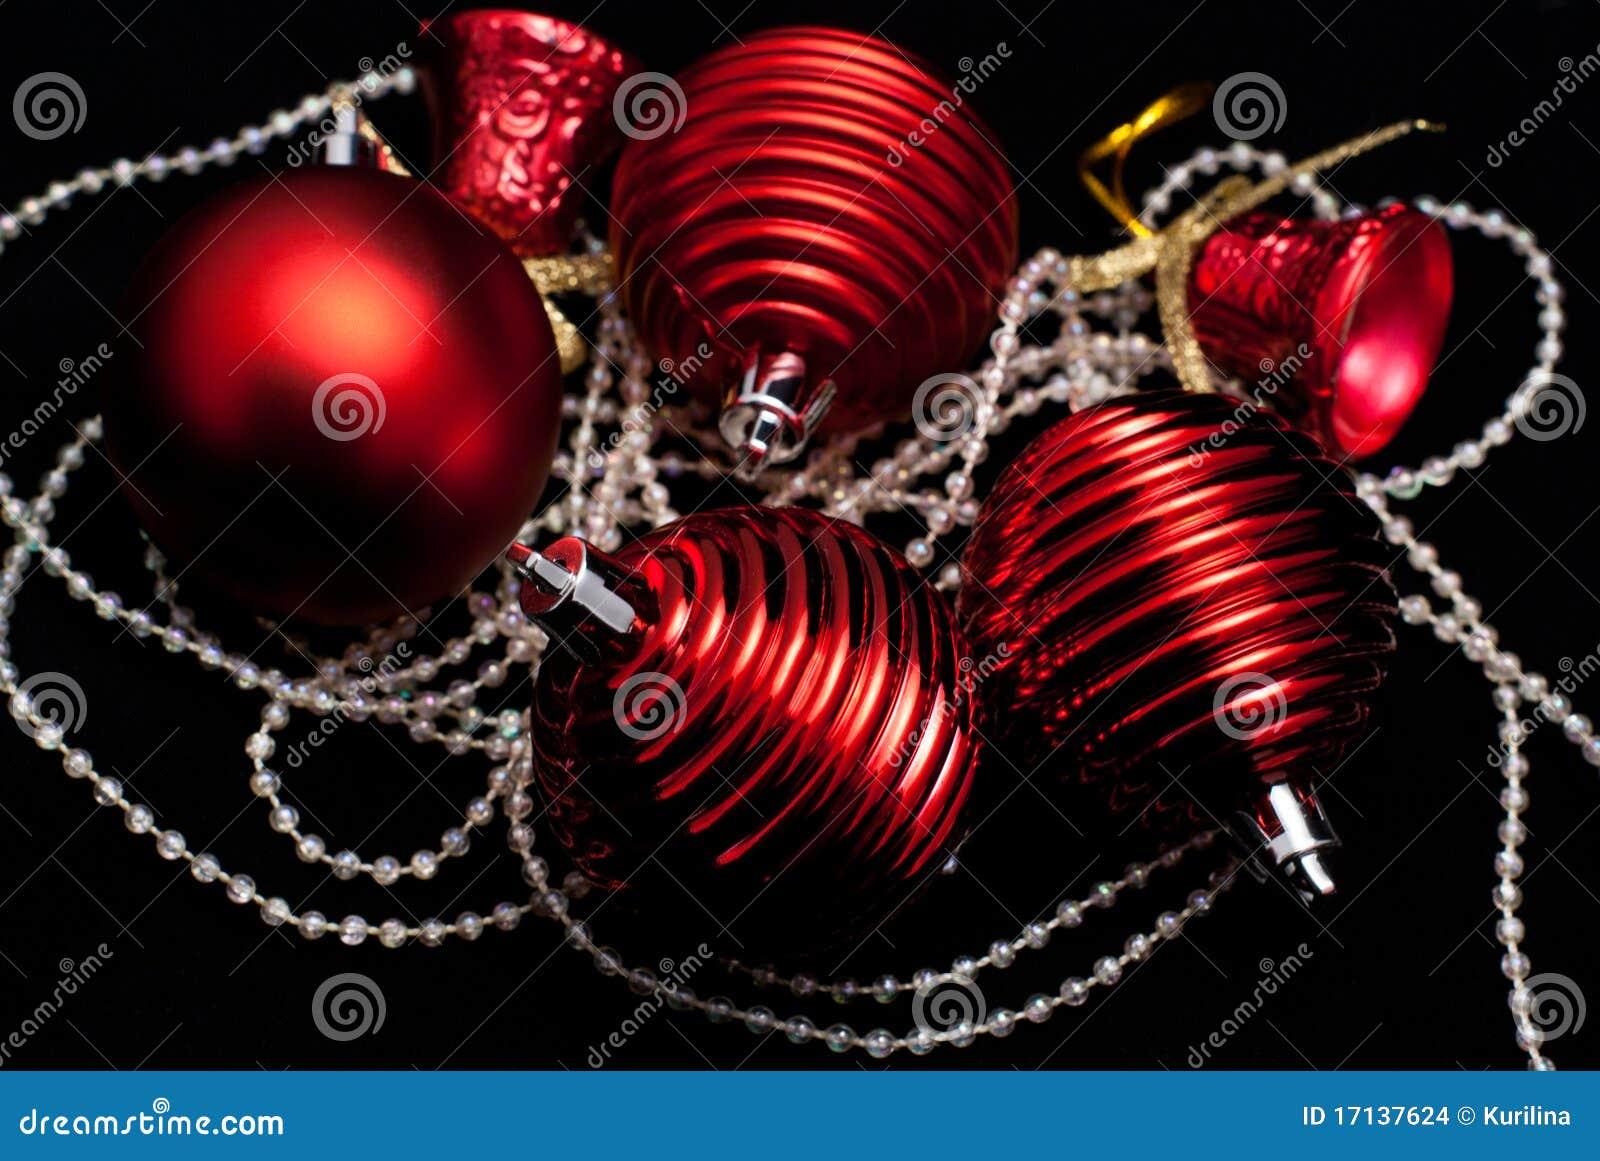 Weihnachtsrote Spielwaren auf Schwarzem